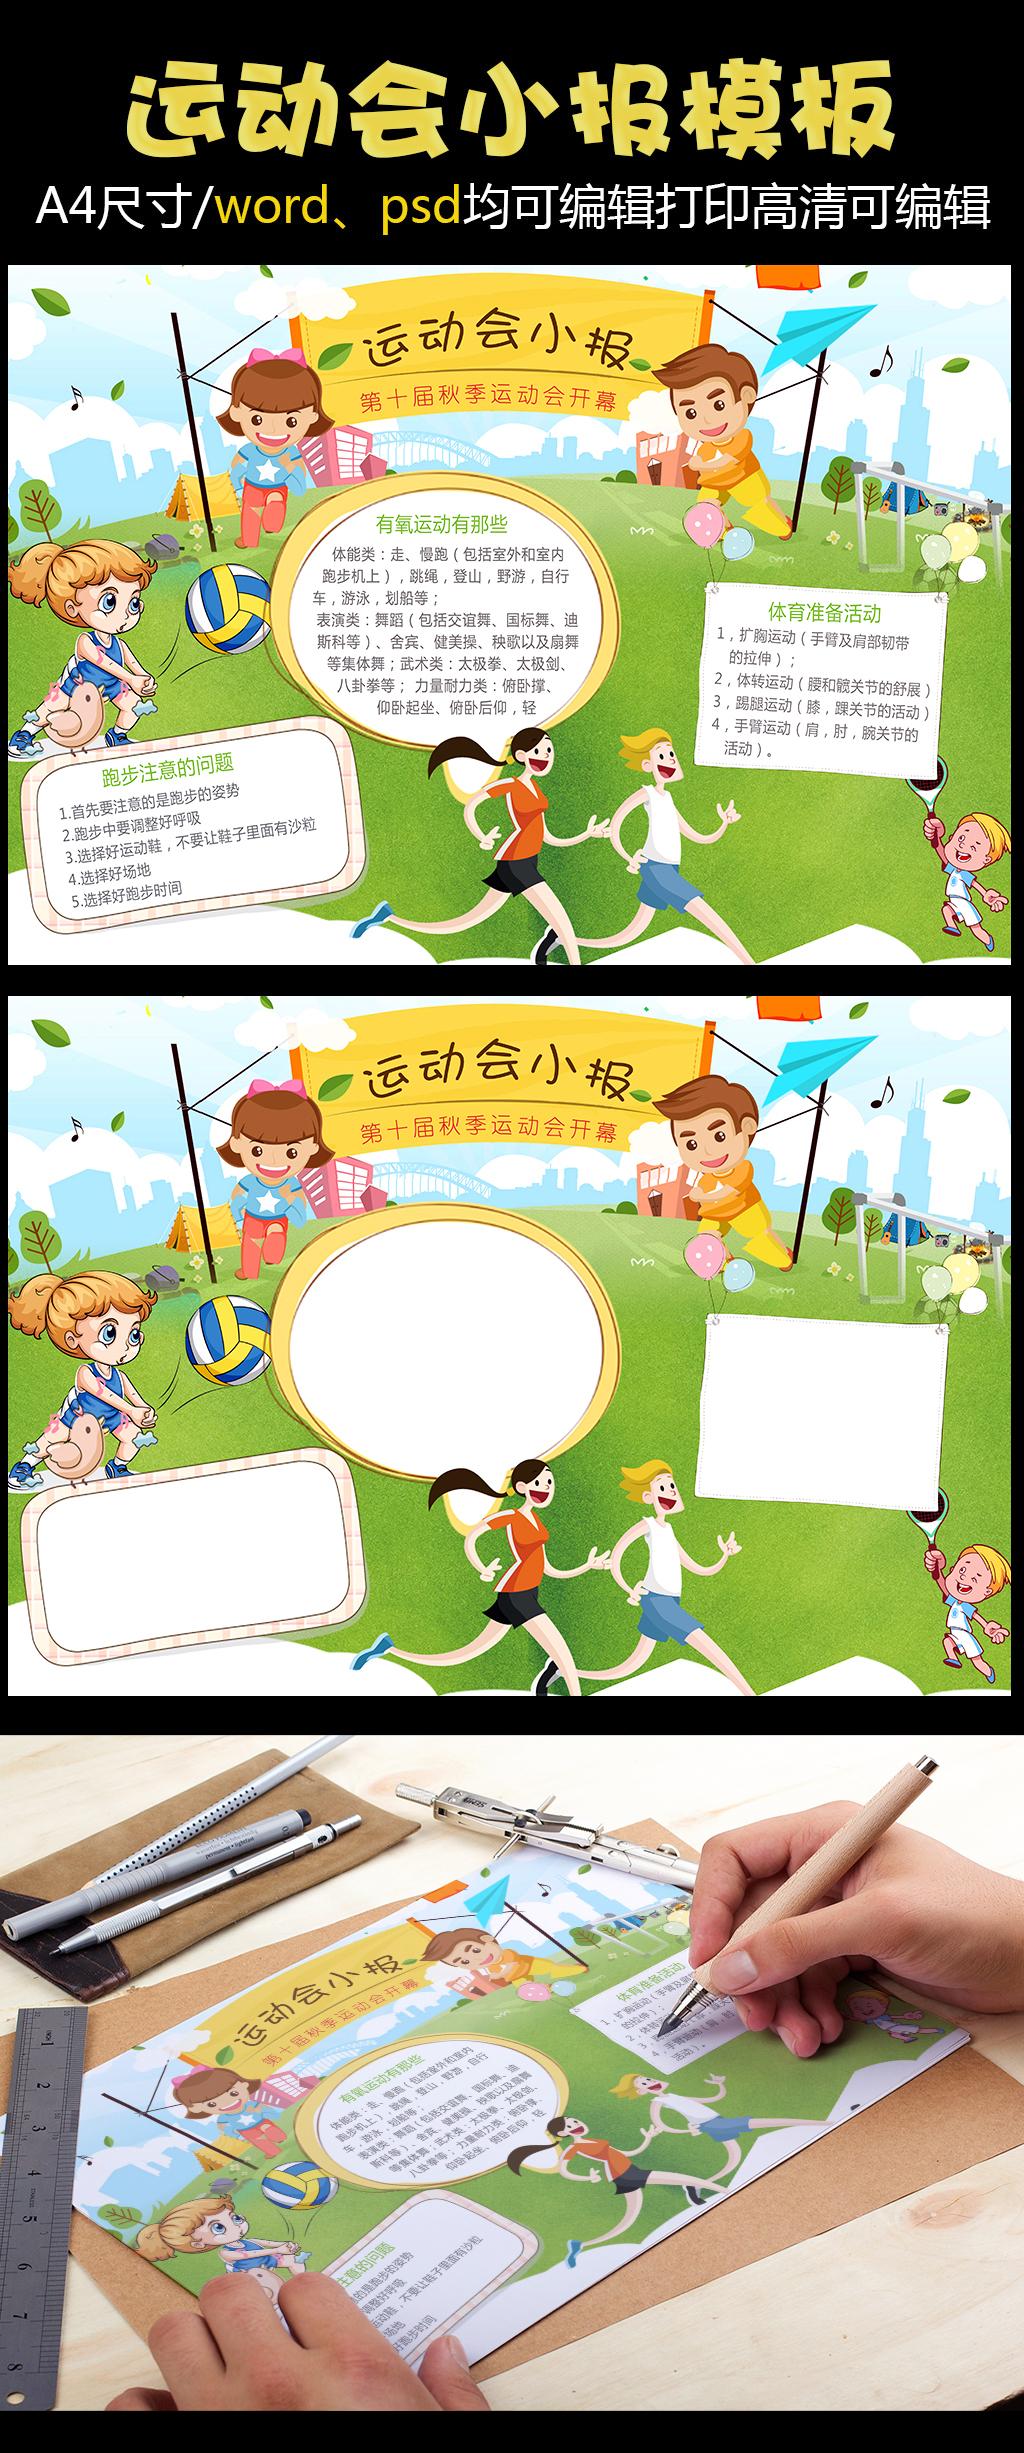 校园运动会小报模版